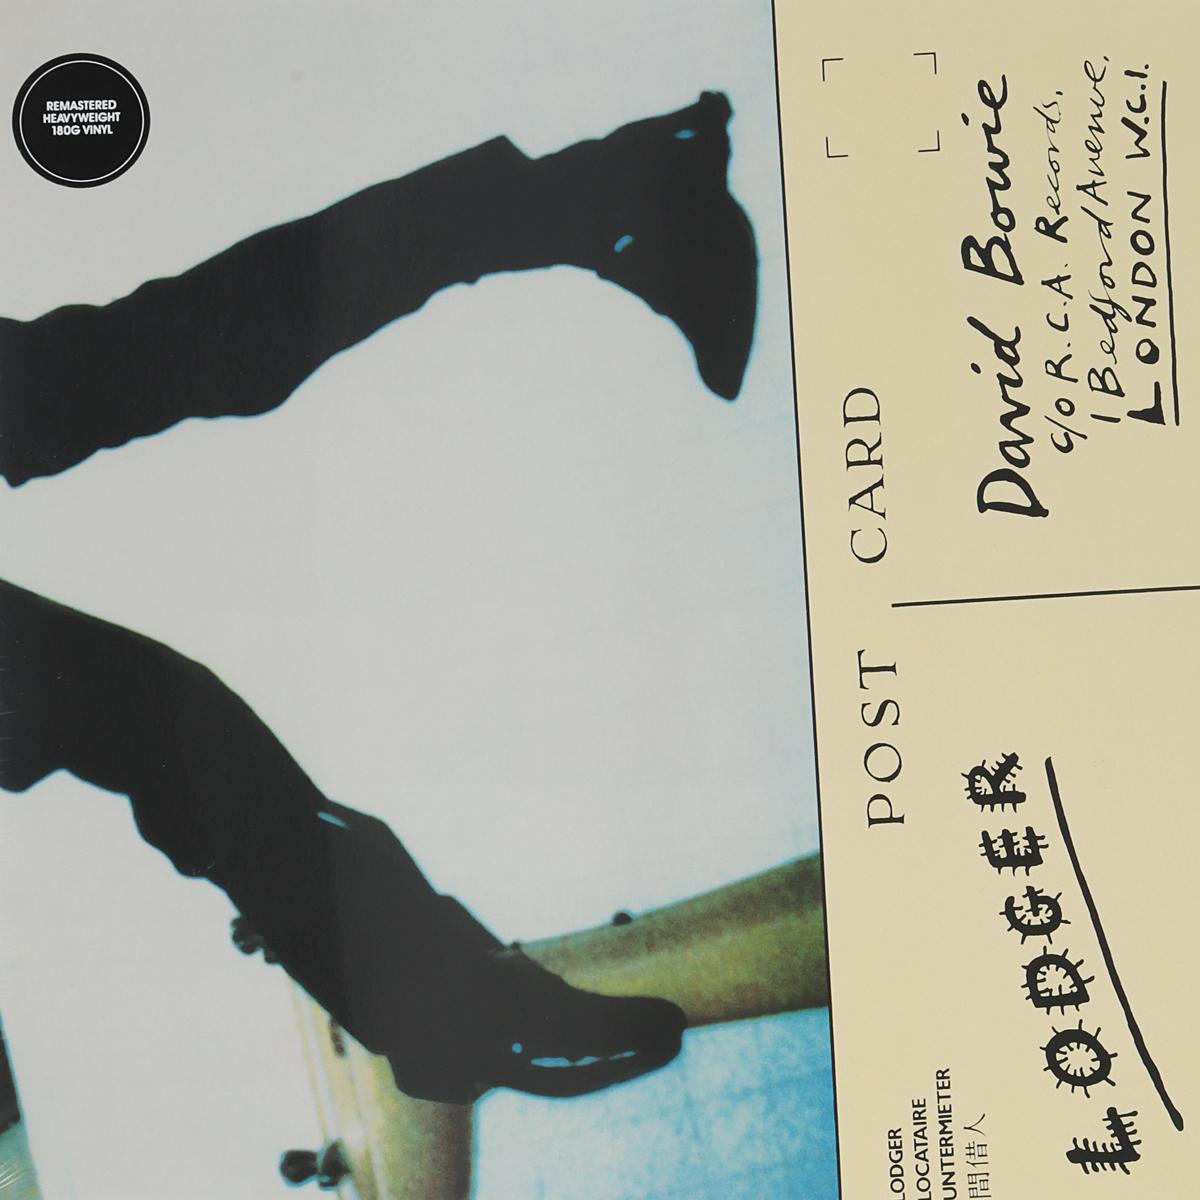 лучшая цена Дэвид Боуи David Bowie. Lodger. Remastered Version (LP)